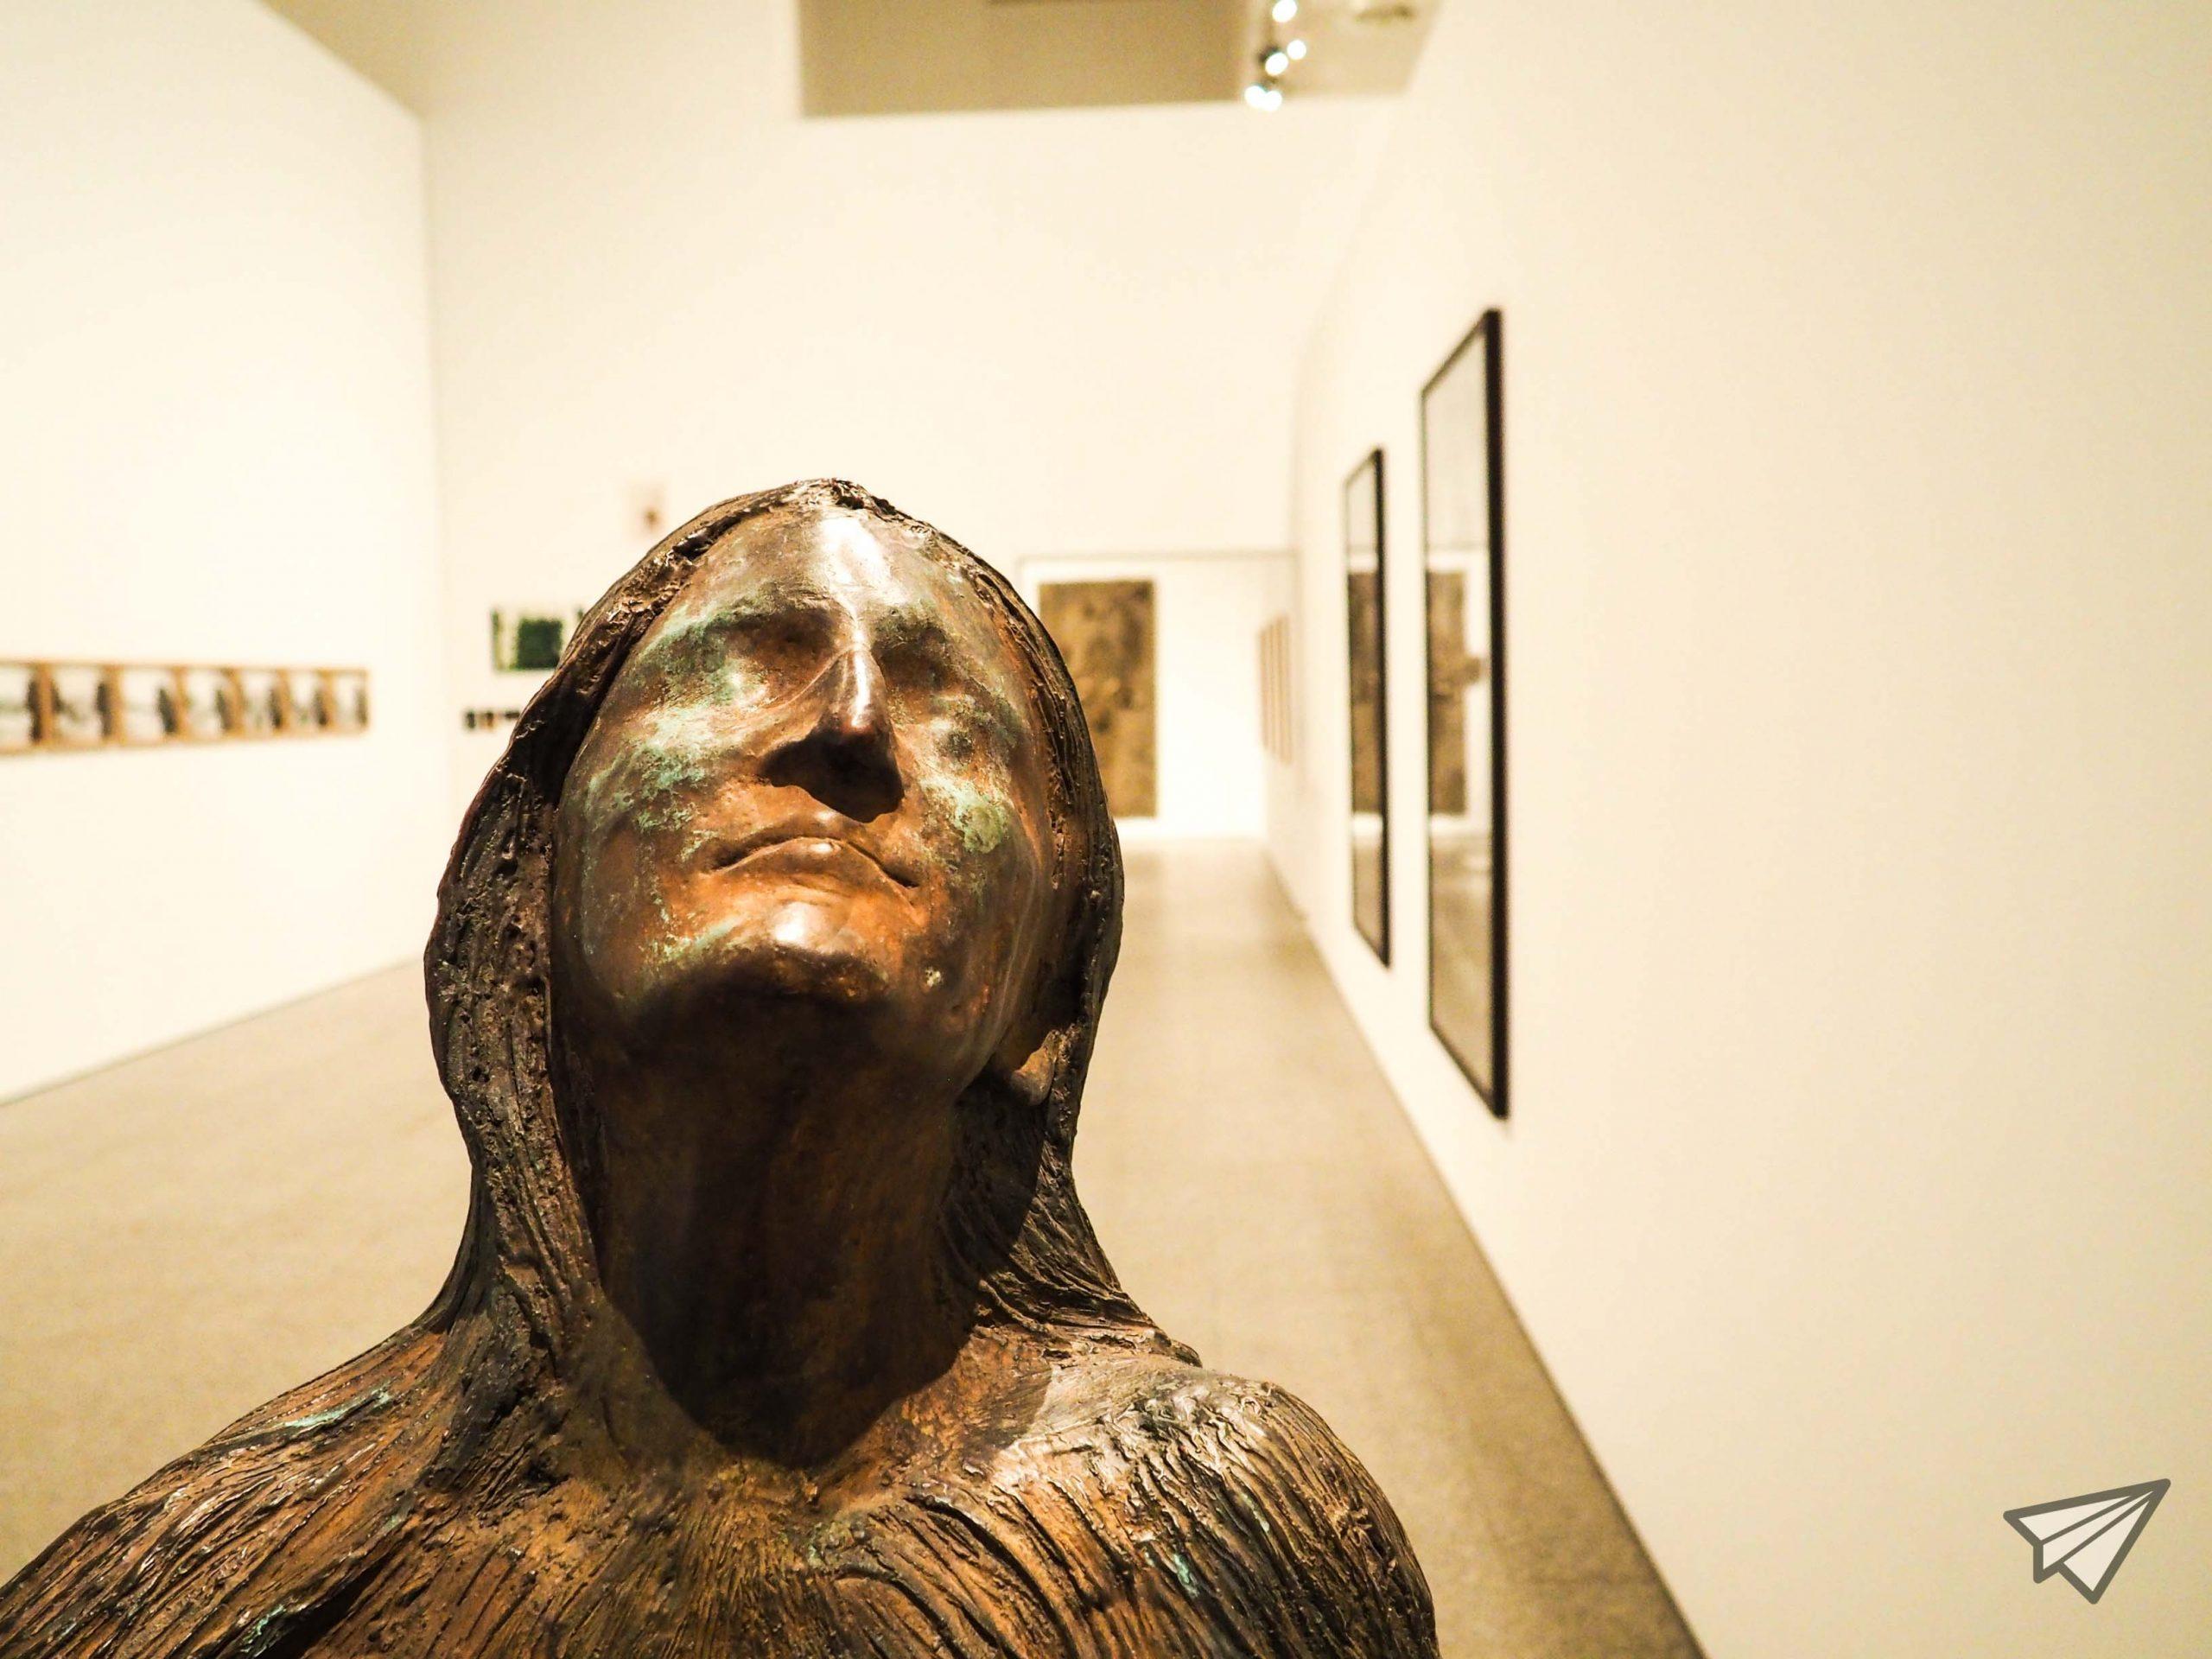 Museu Coleção Berardo statue